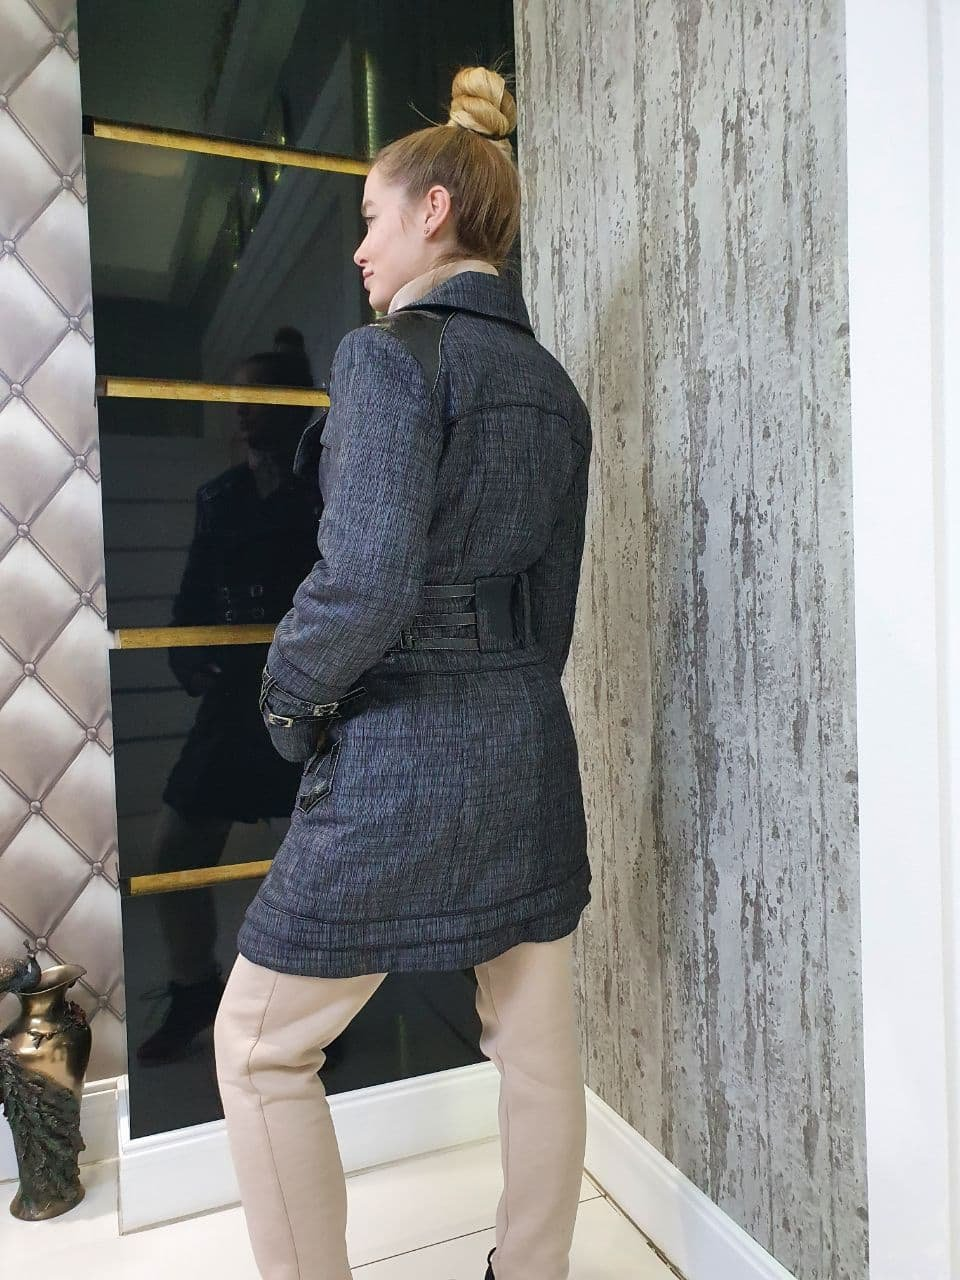 Куртка Зимняя Цунами 10714 АРТ. 47138 Цвет: Серый/черный - фото 2, интернет магазин tm-modus.ru